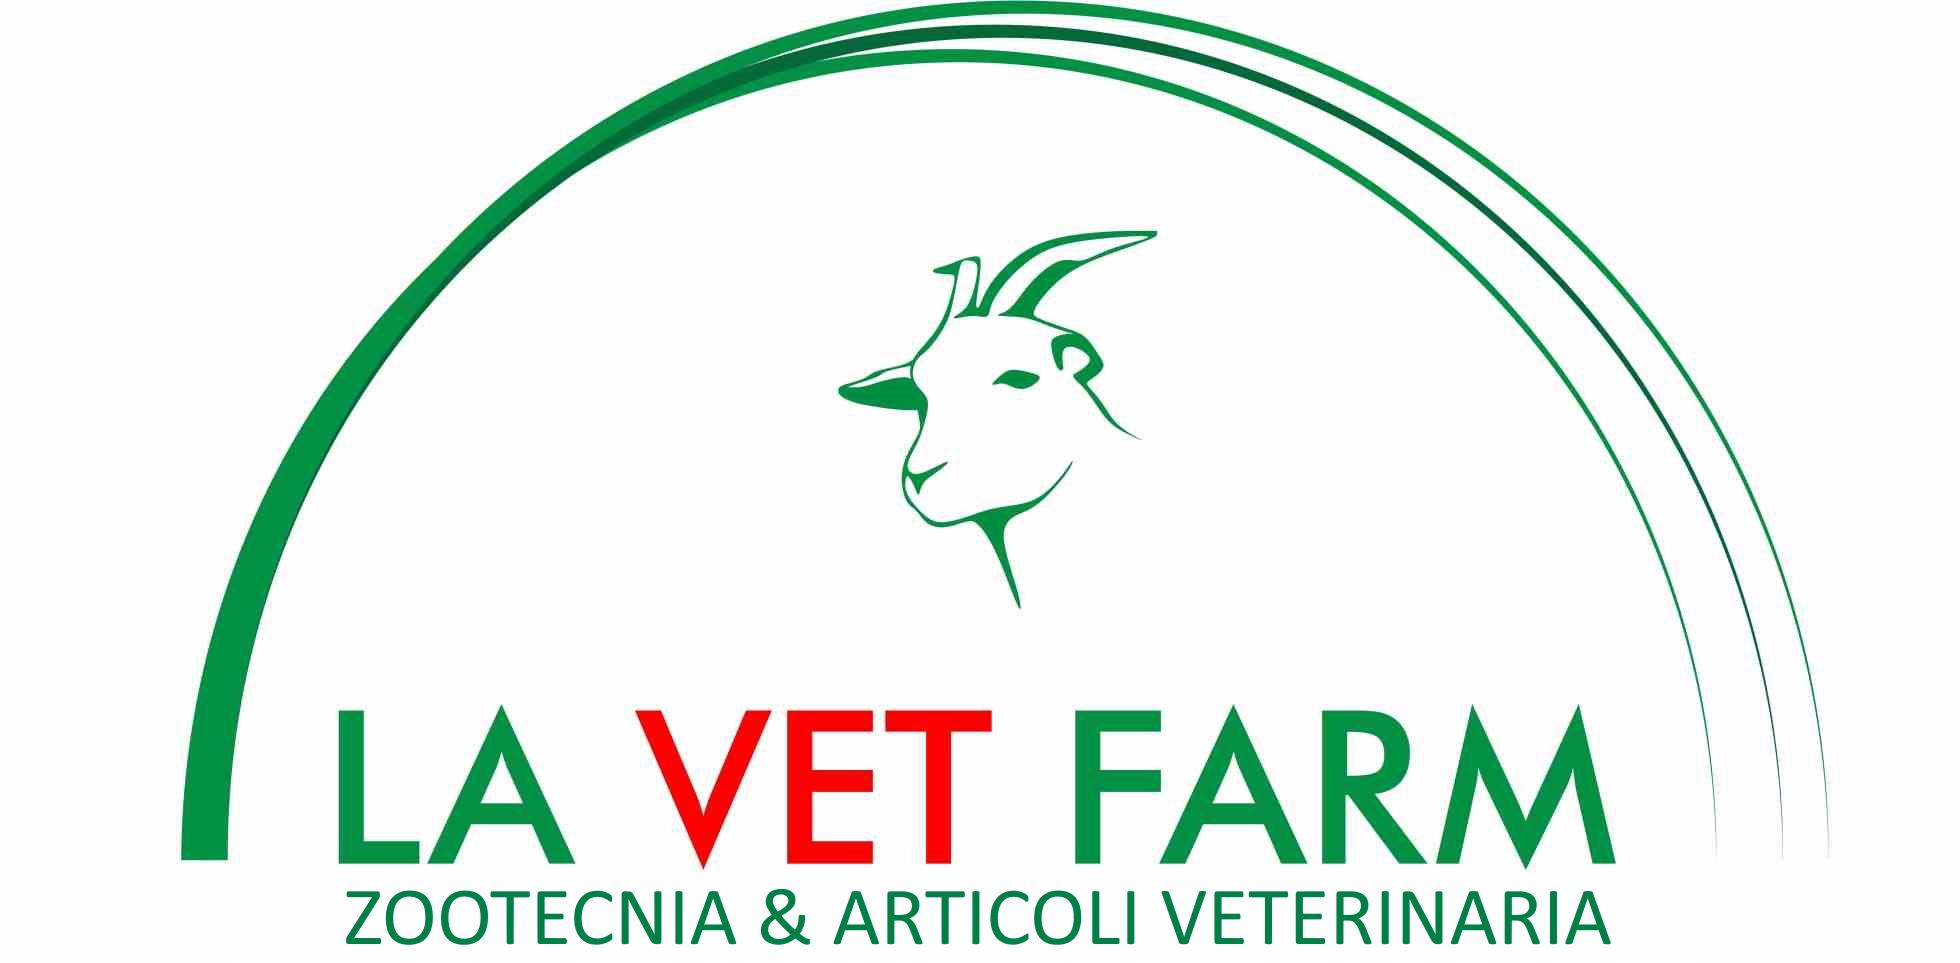 LAVETFARM – La Veterinaria Farm